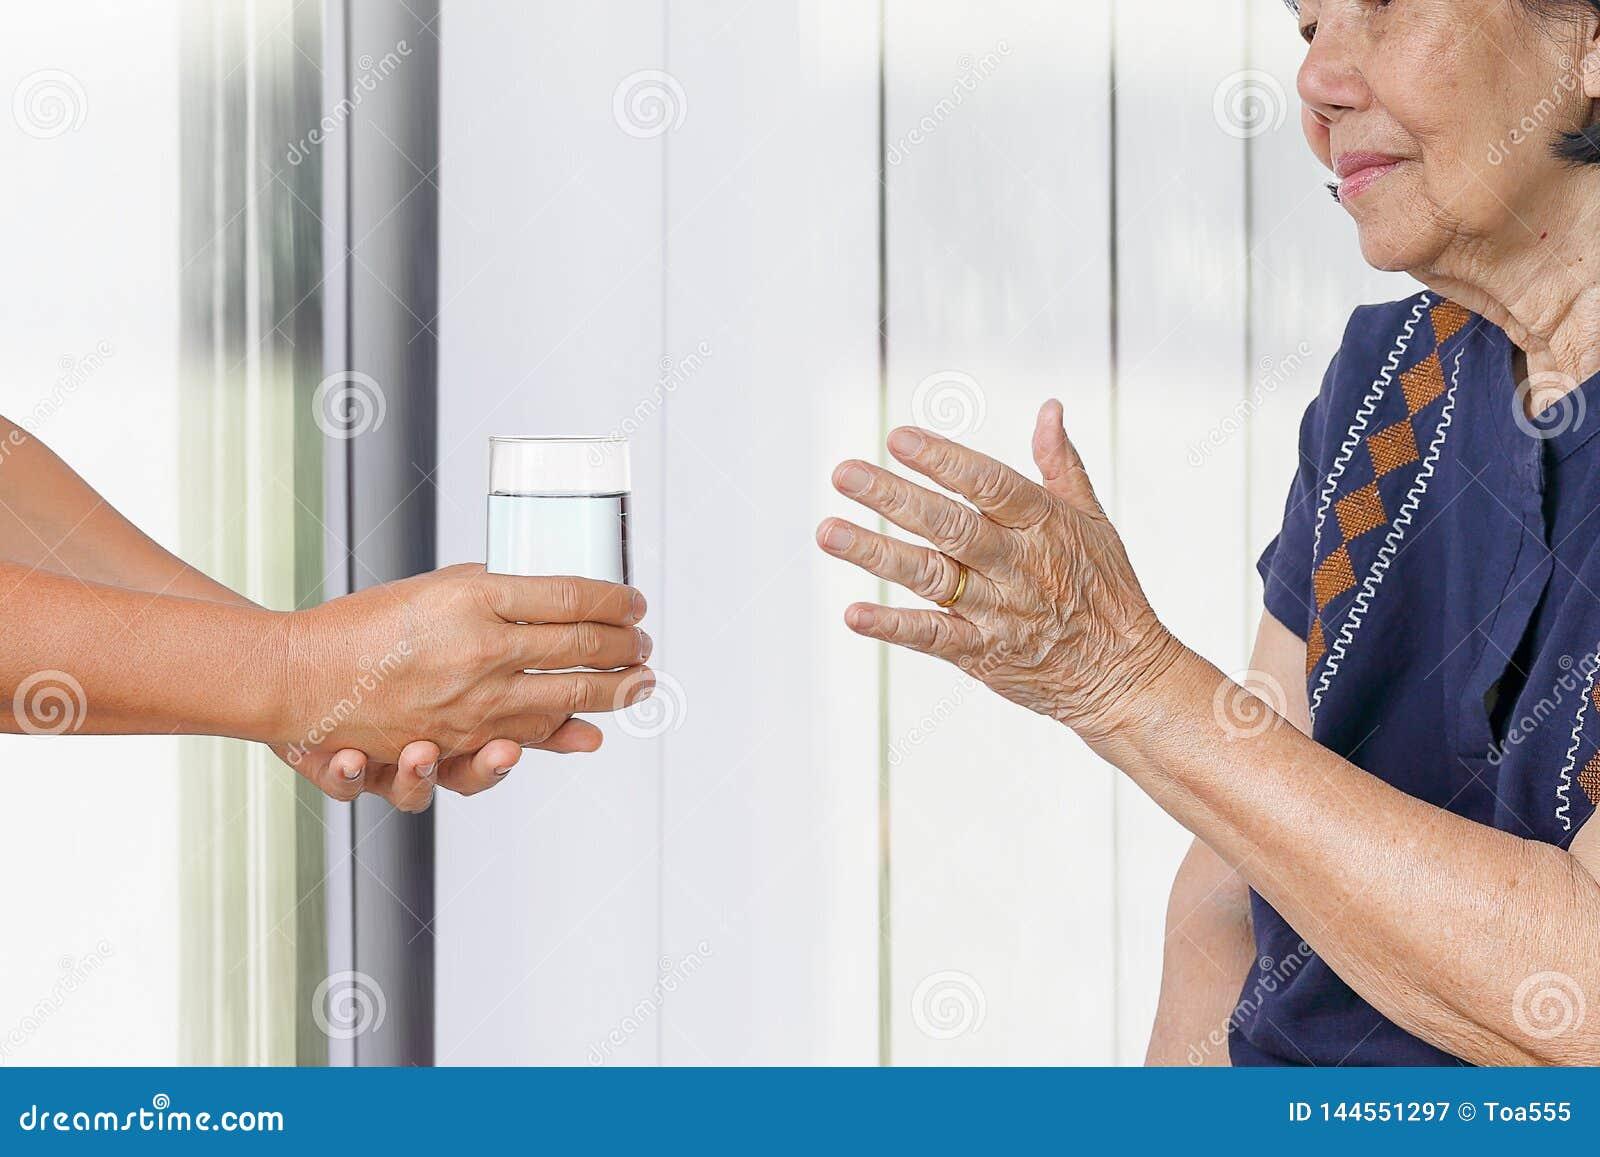 Η ηλικιωμένη γυναίκα παίρνει ένα ποτήρι του νερού από το caregiver